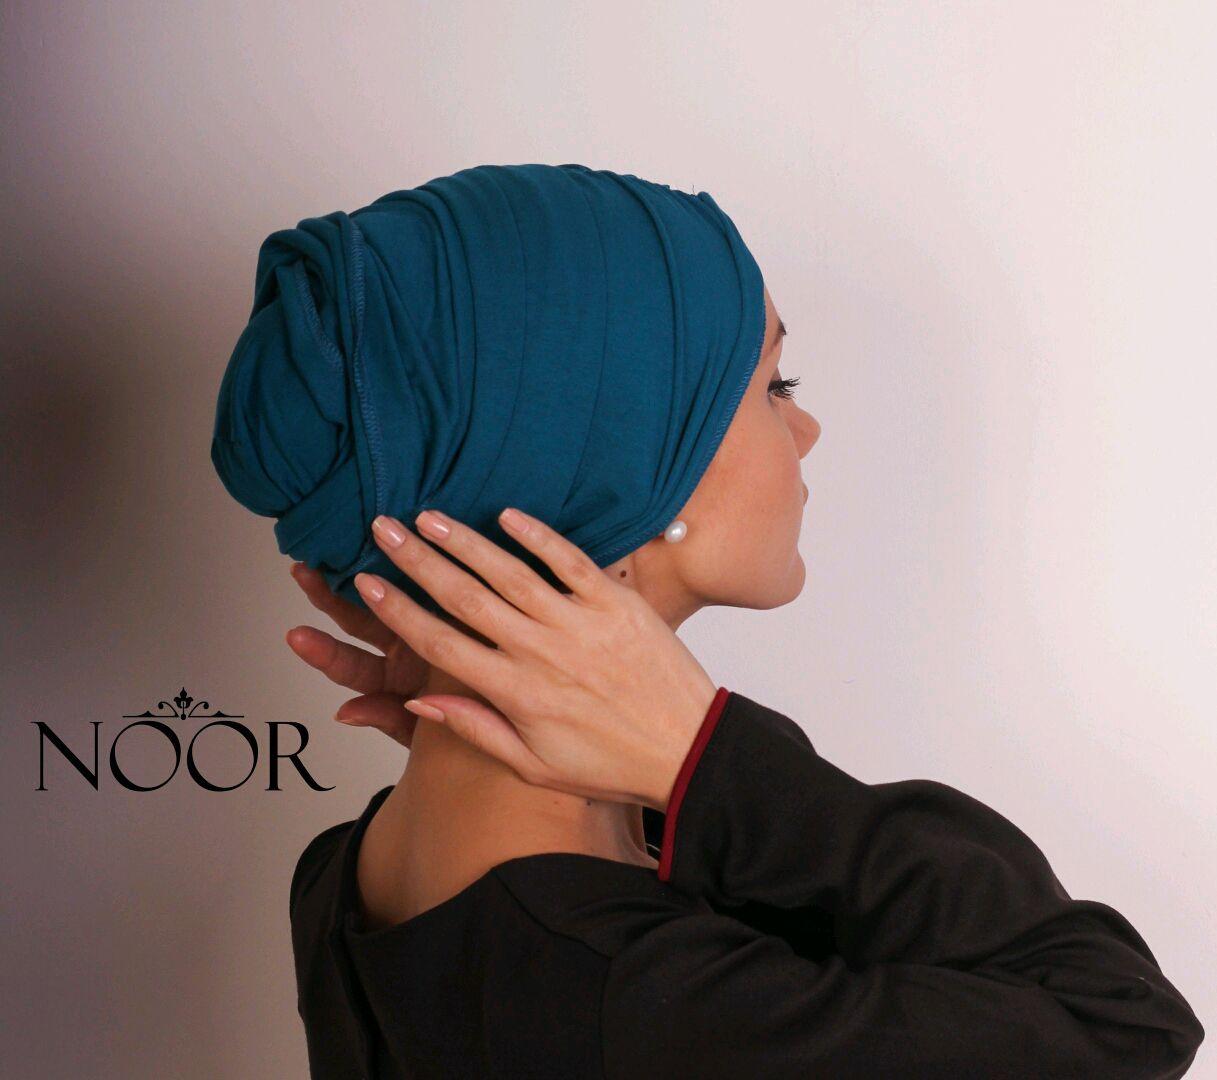 Полотенце для головы шьём своими руками 97